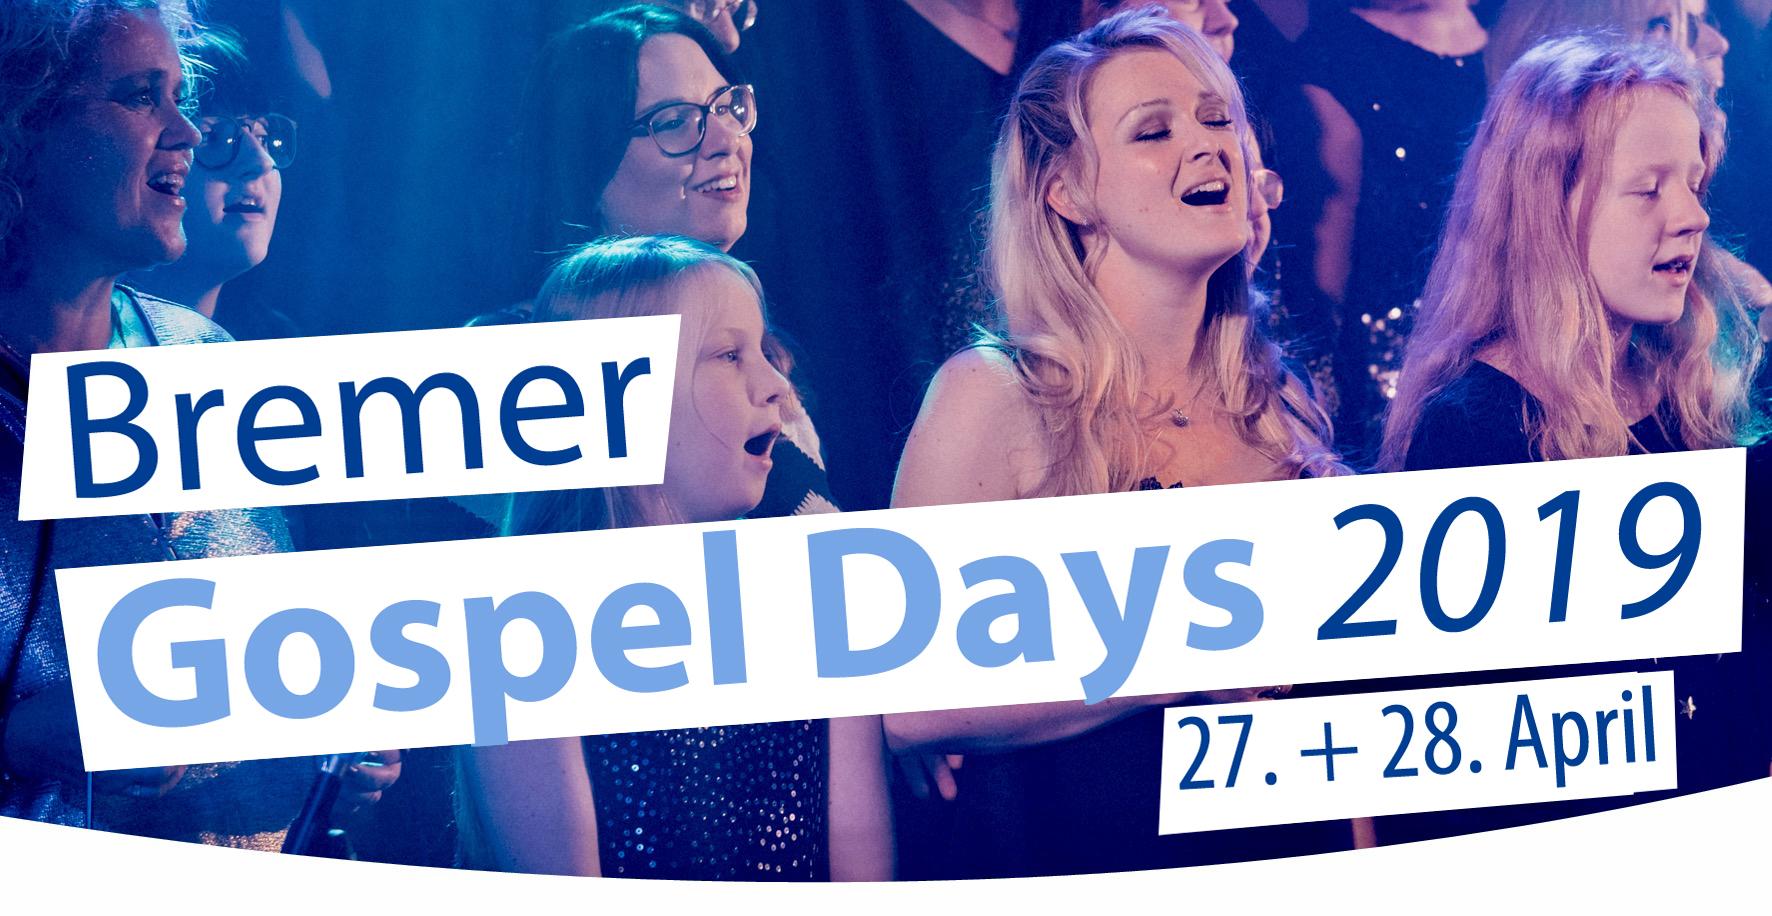 Bremer Gospel Days 2018 - Gospel Bremen!